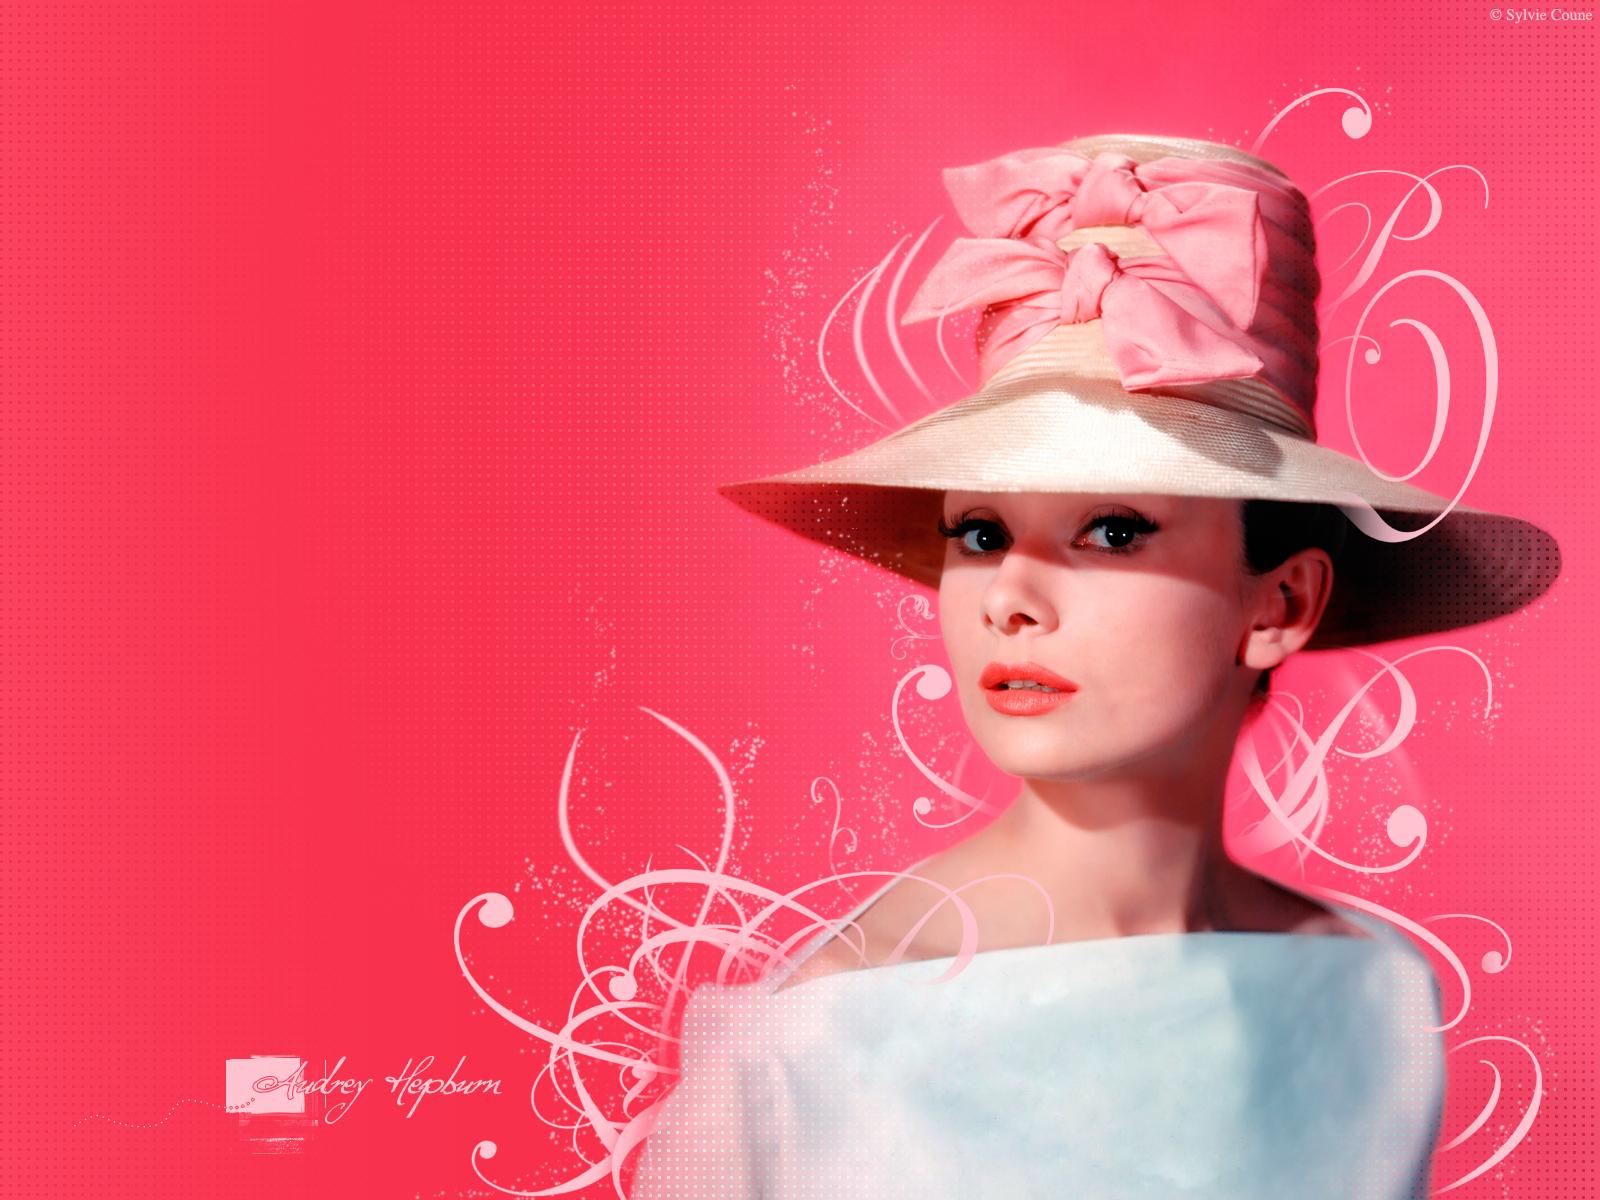 Audrey Hepburn Audrey Hepburn 1600x1200